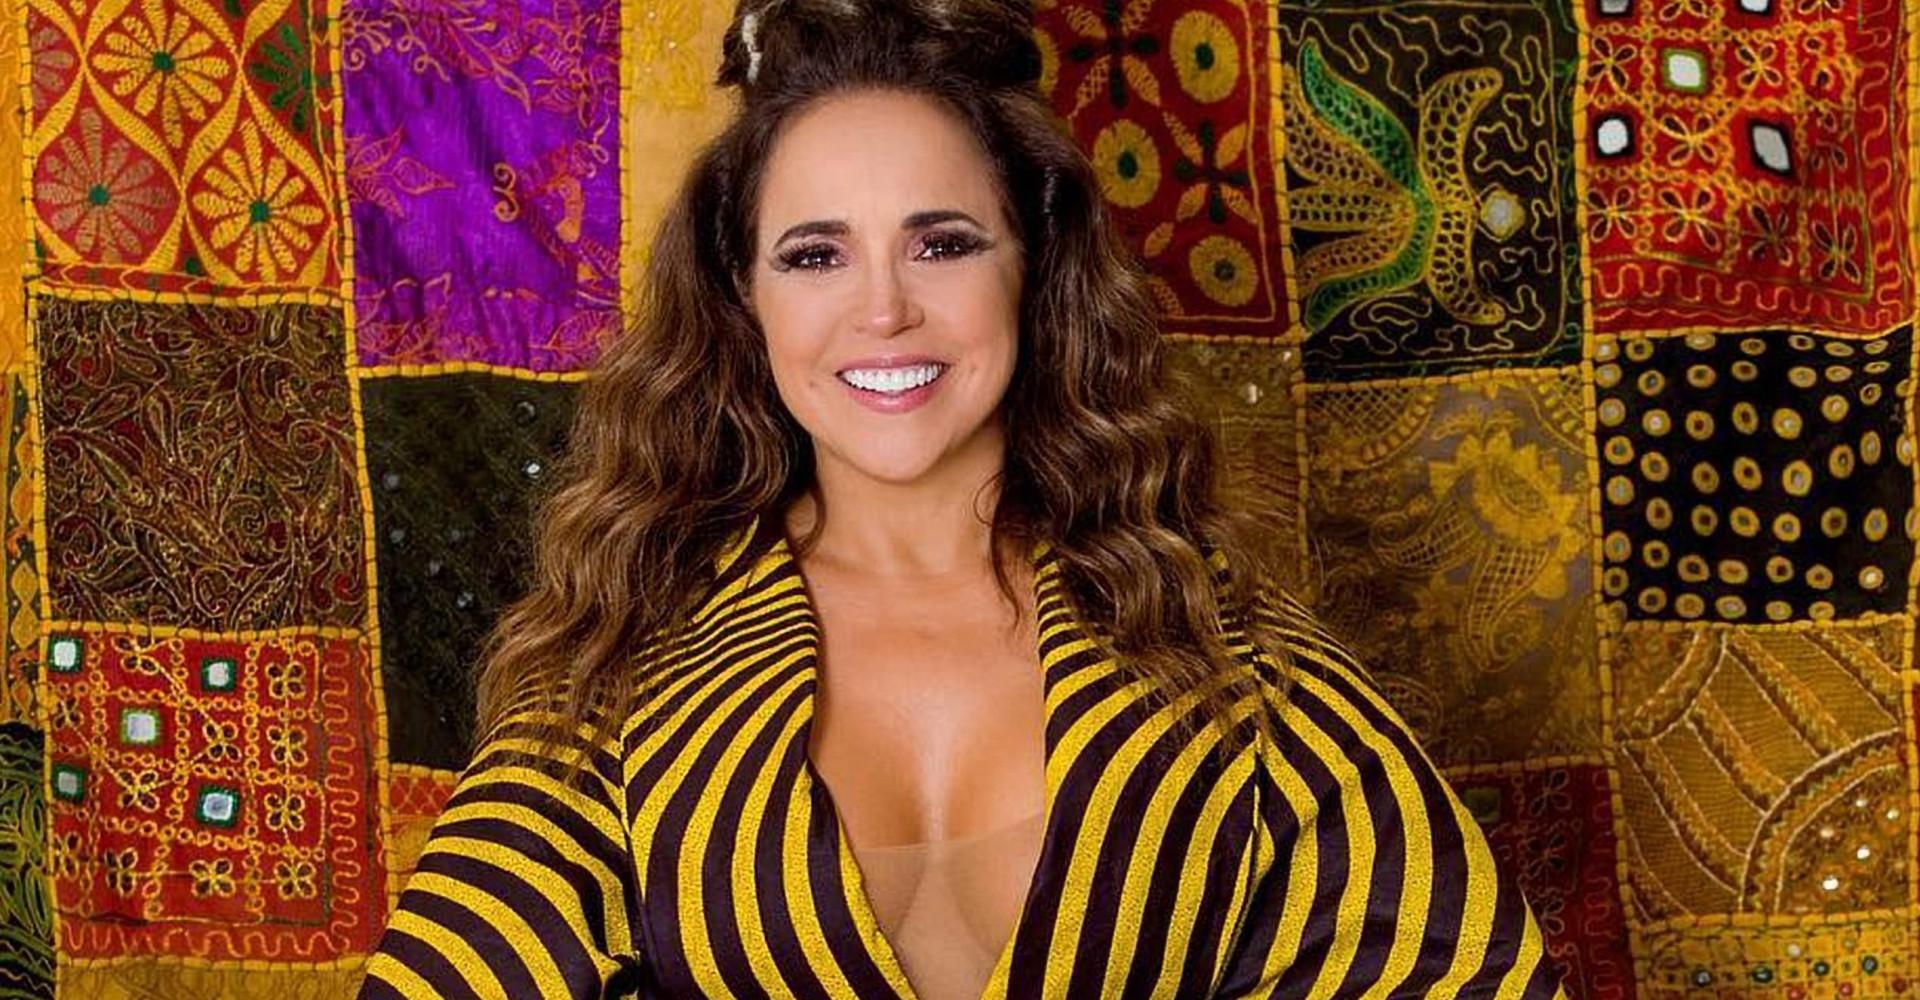 Deputado evangélico é condenado por ofensas contra Daniela Mercury